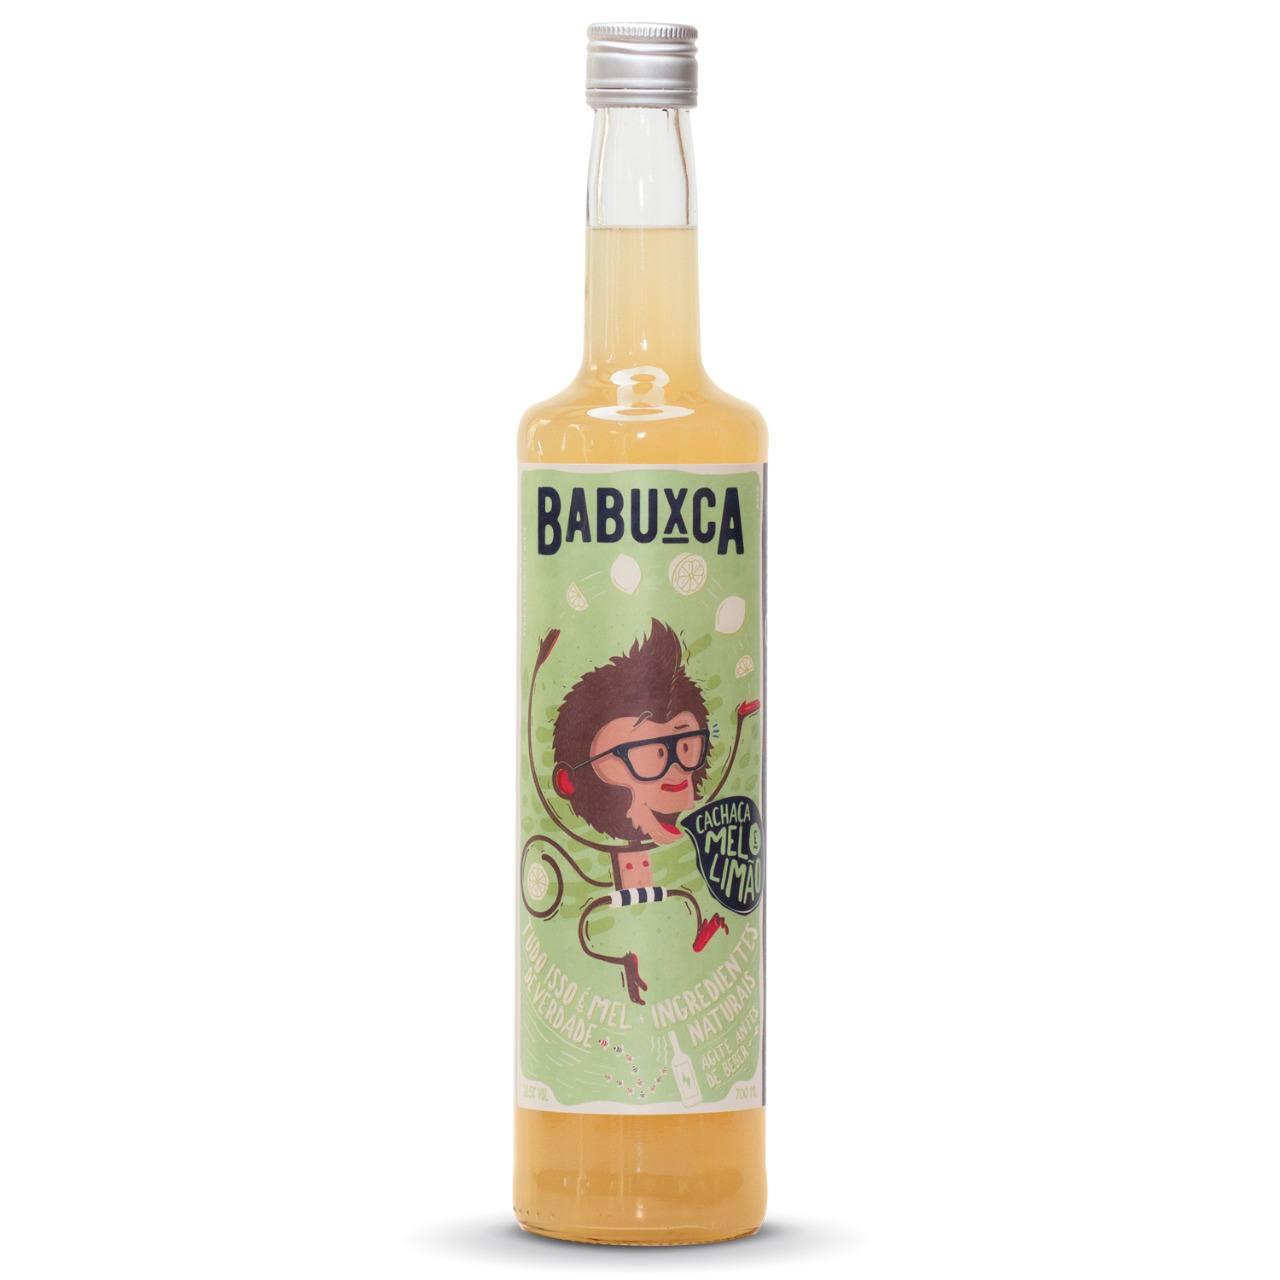 Bebida Mista à Base de Cachaça sabor Limão - Babuxca 700ml